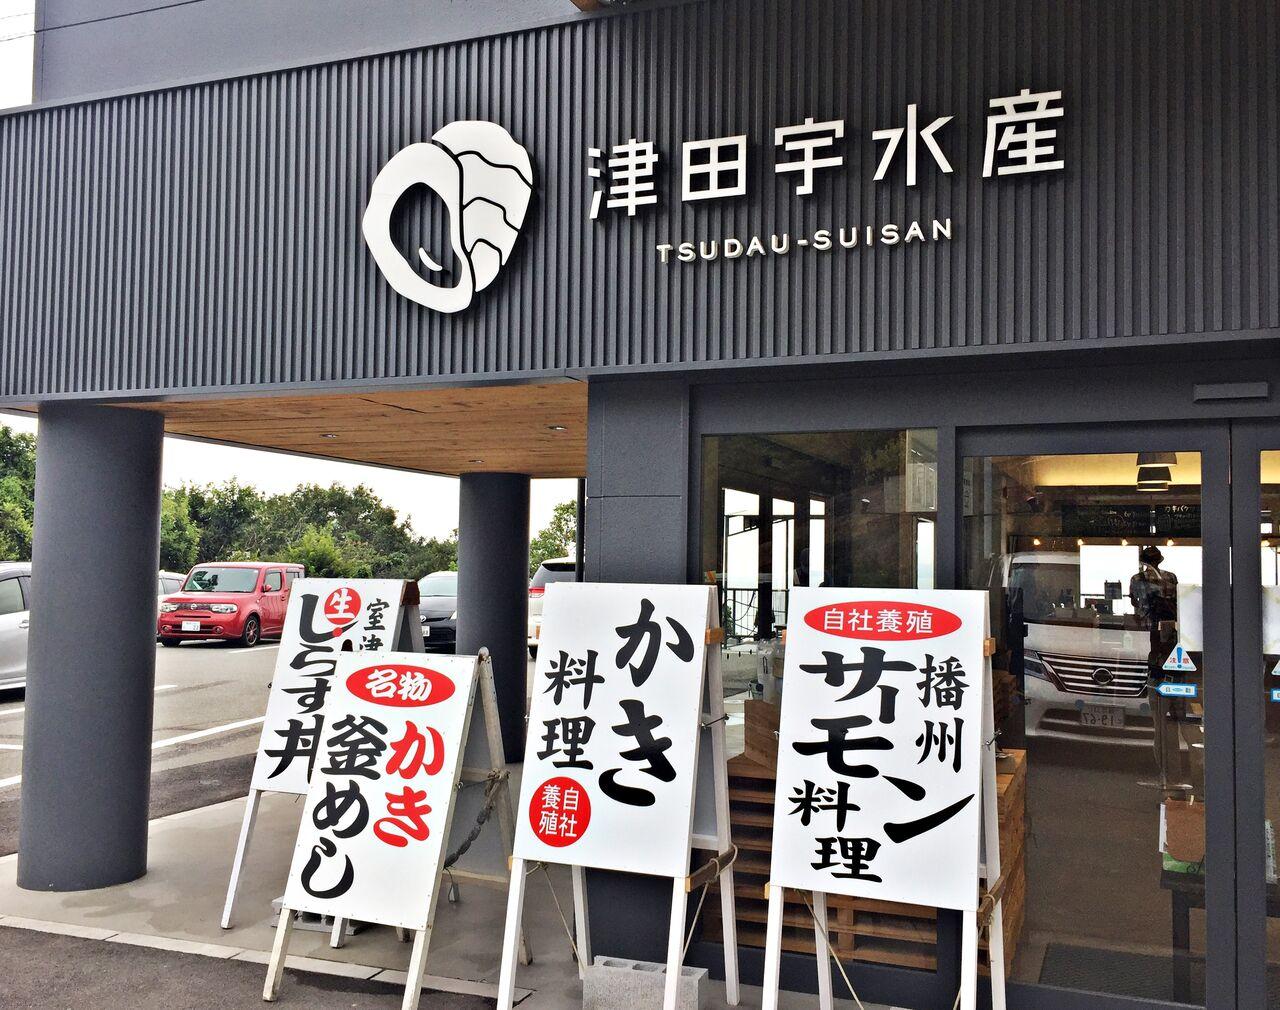 津田 宇 水産